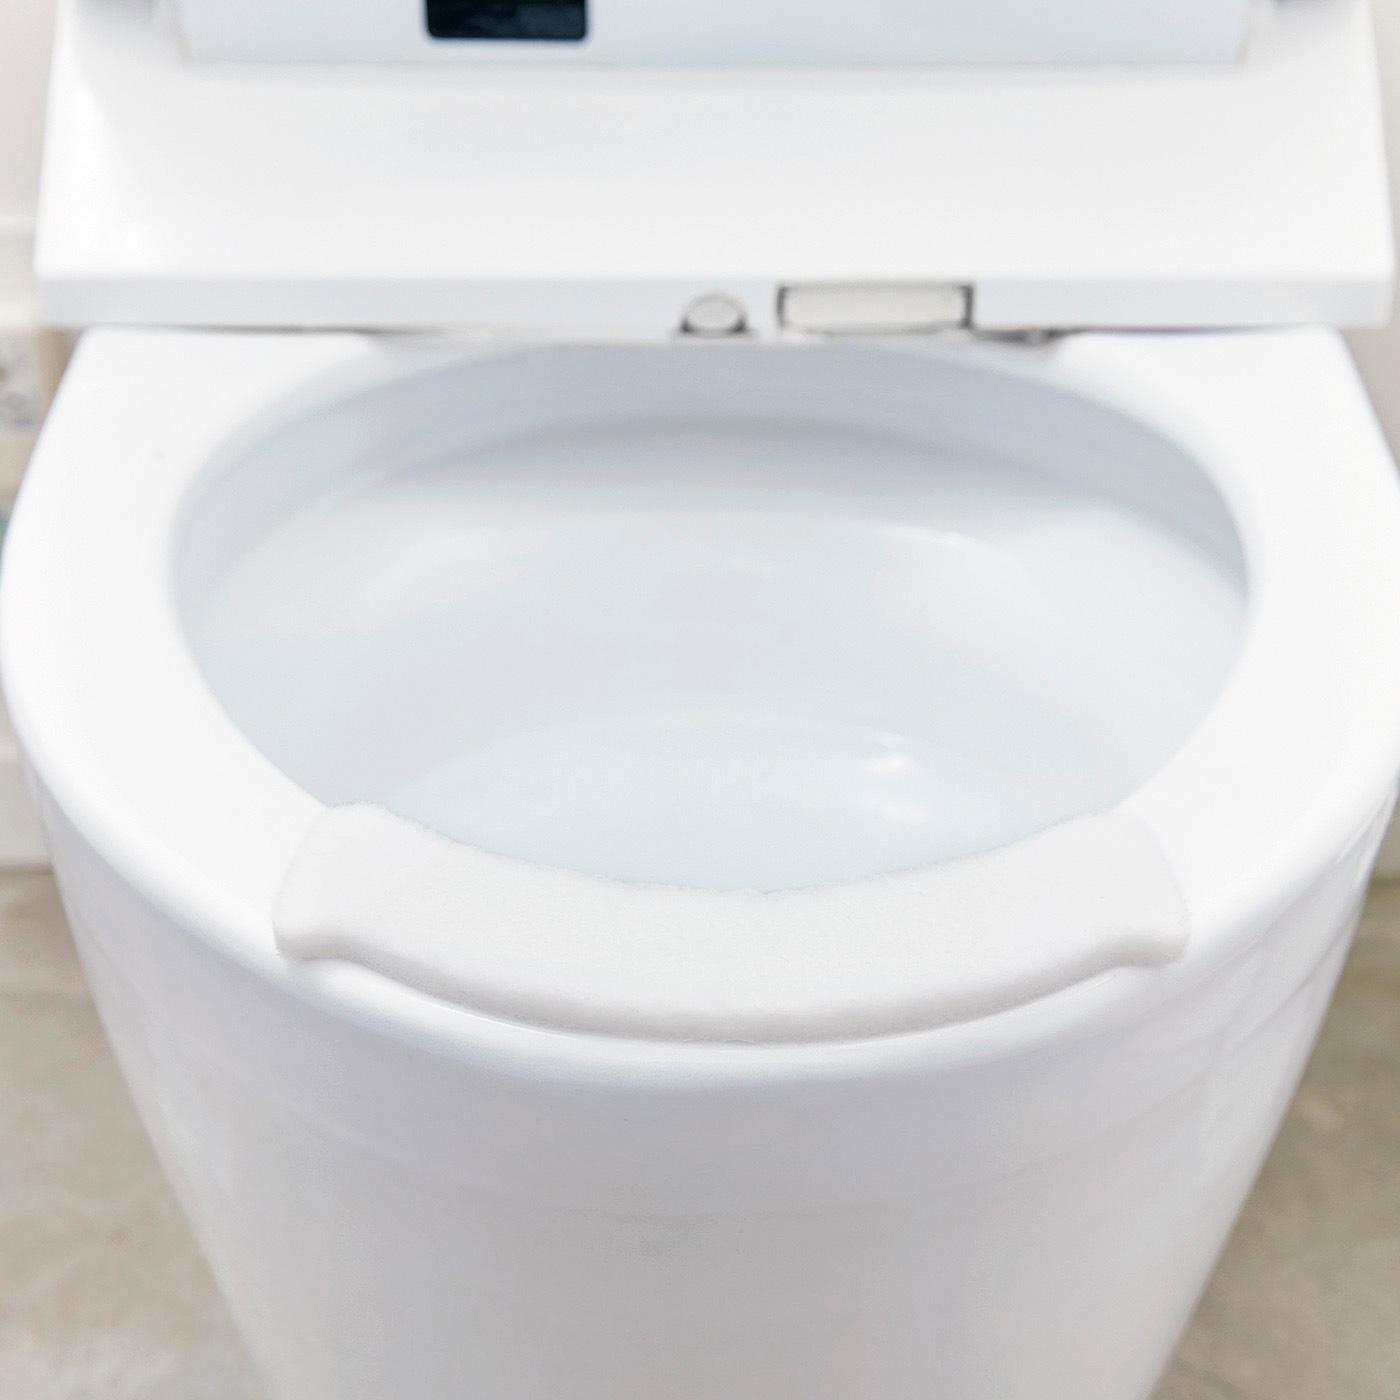 貼るだけお掃除らくらく 便座すき間の尿はね吸収パッドの会